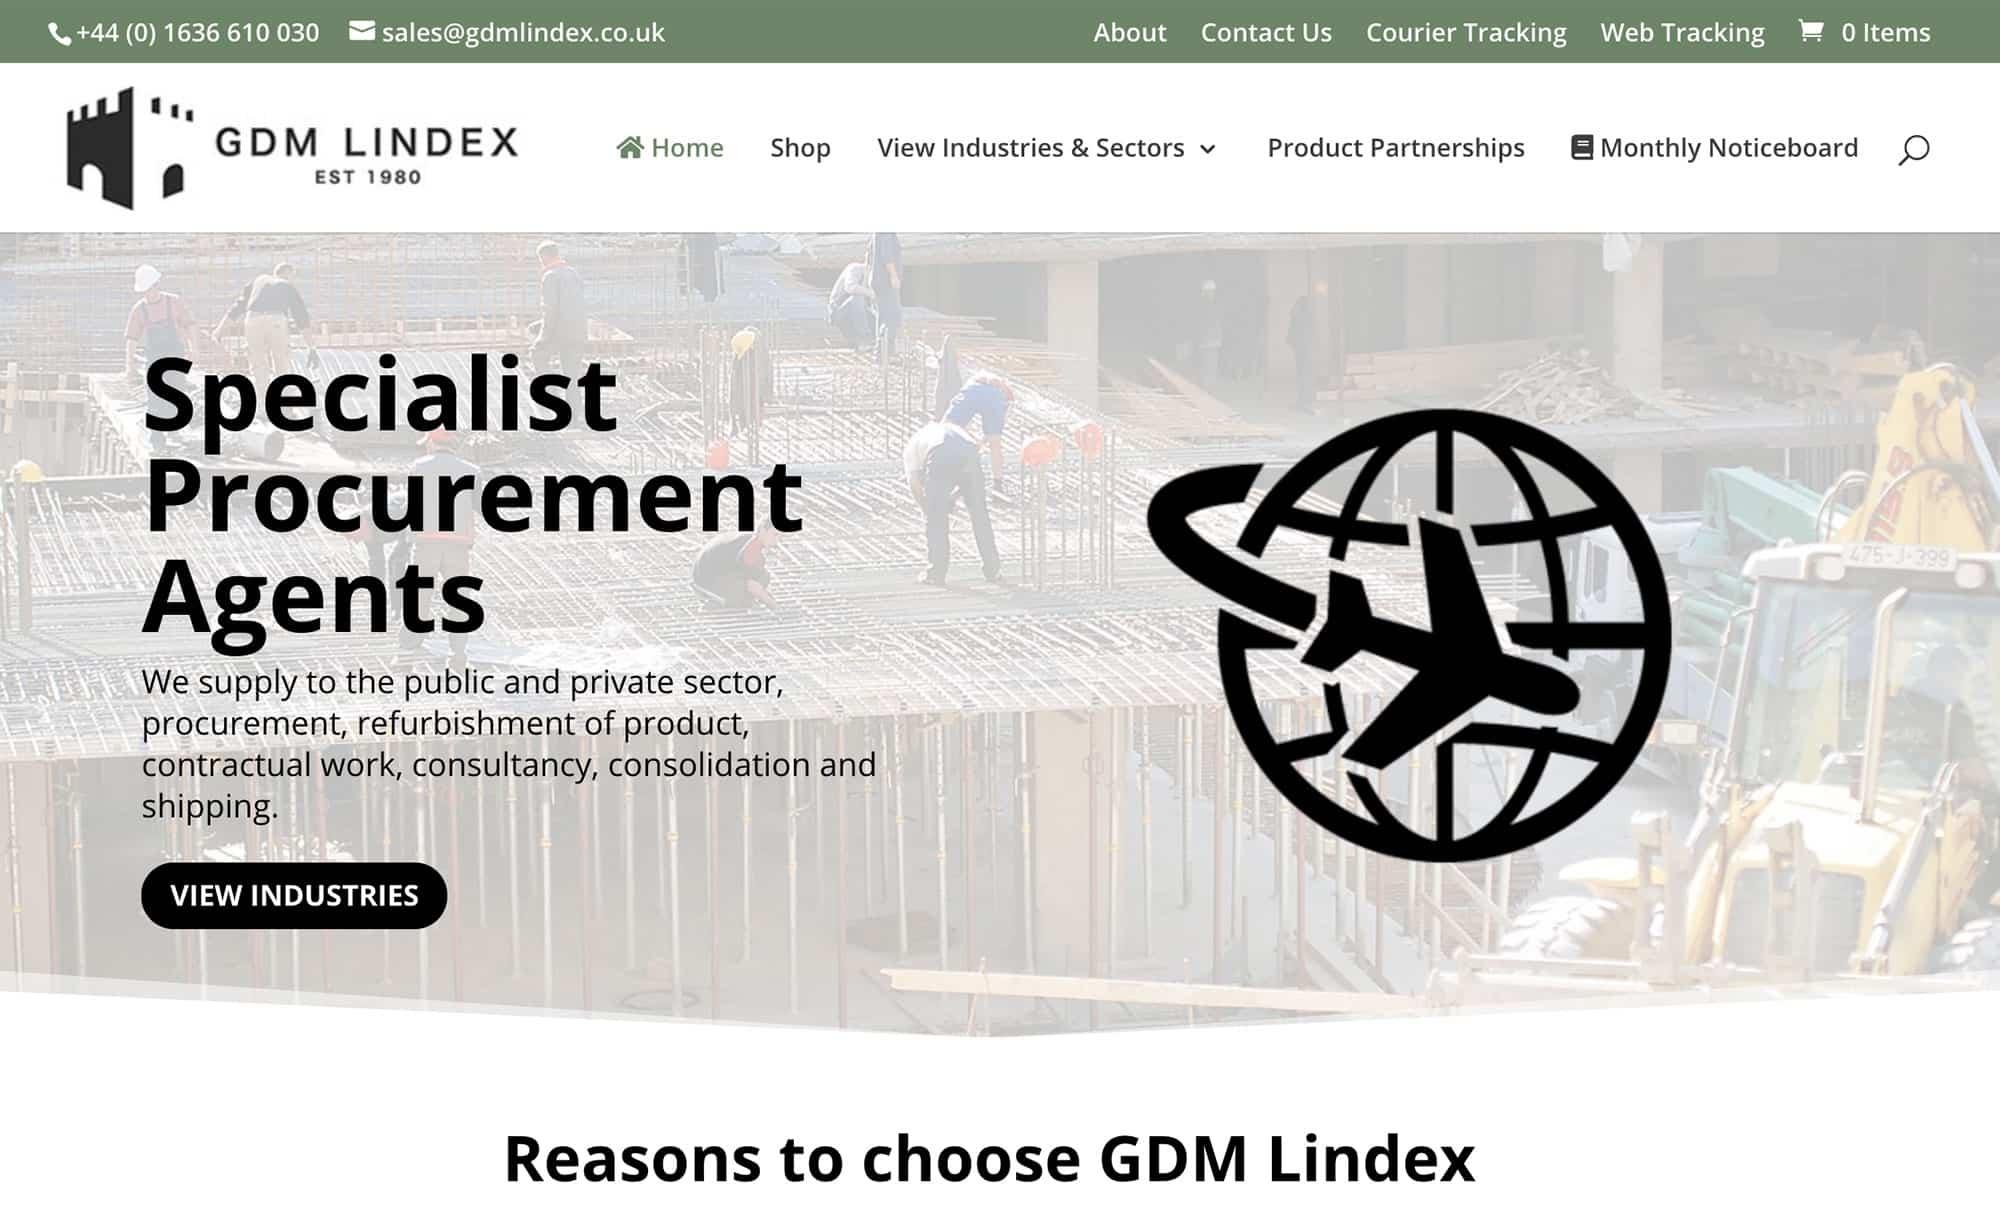 GDM Lindex website homepage